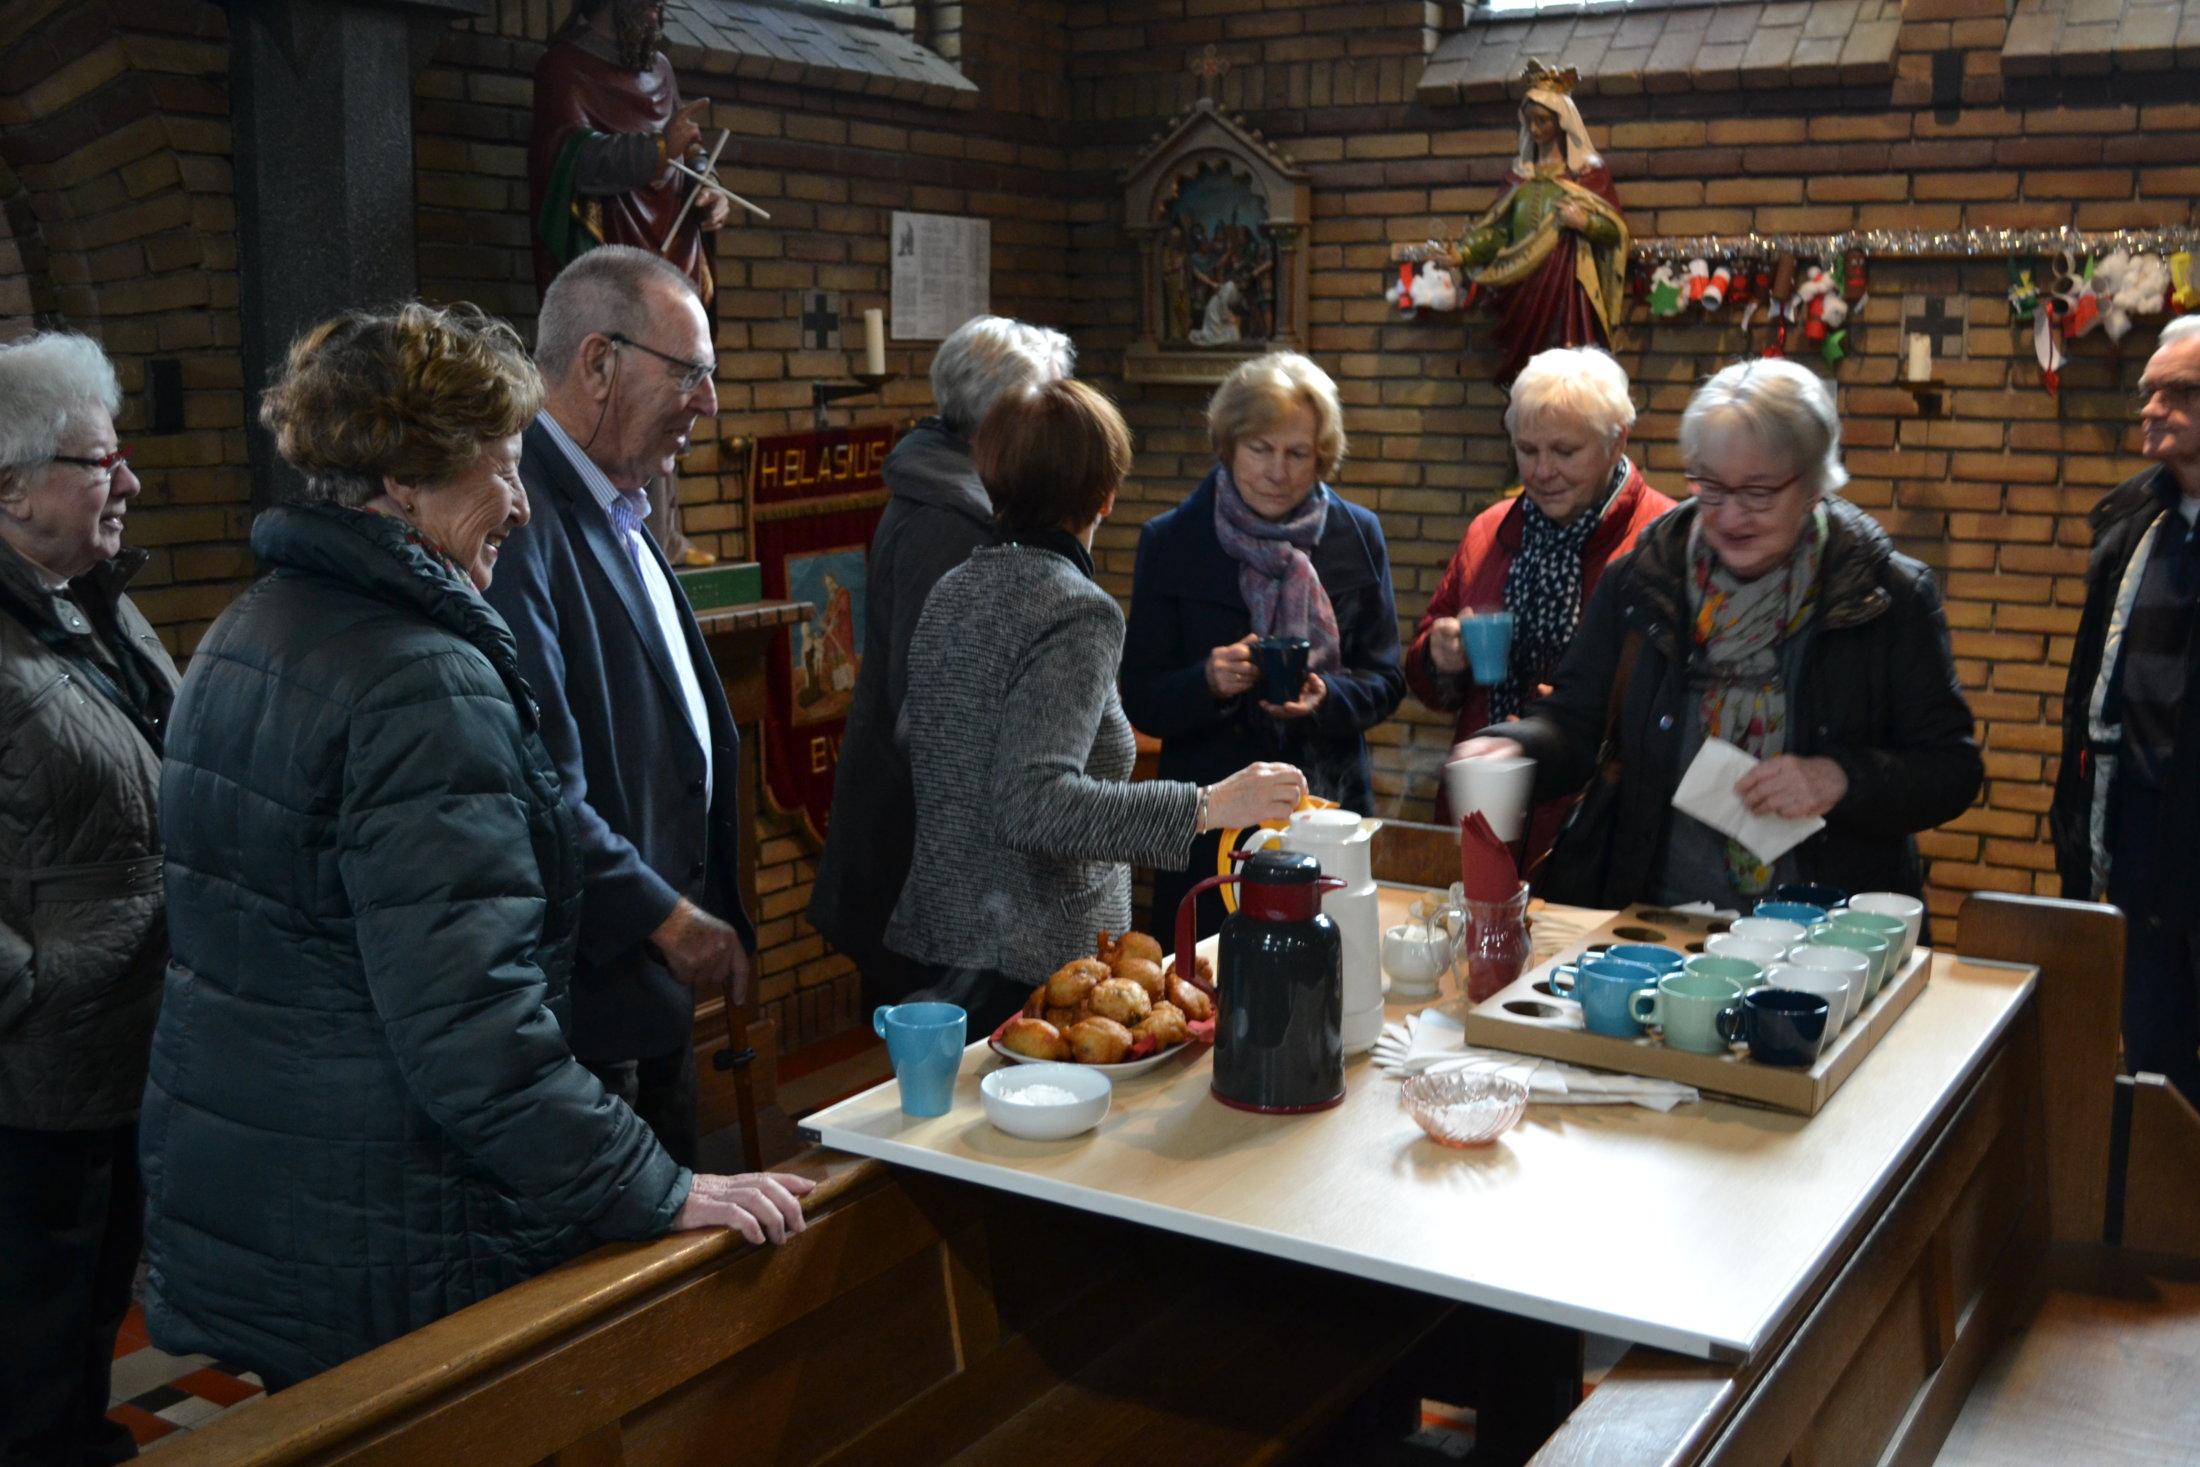 Oliebollen en koffie na de oudejaarsviering